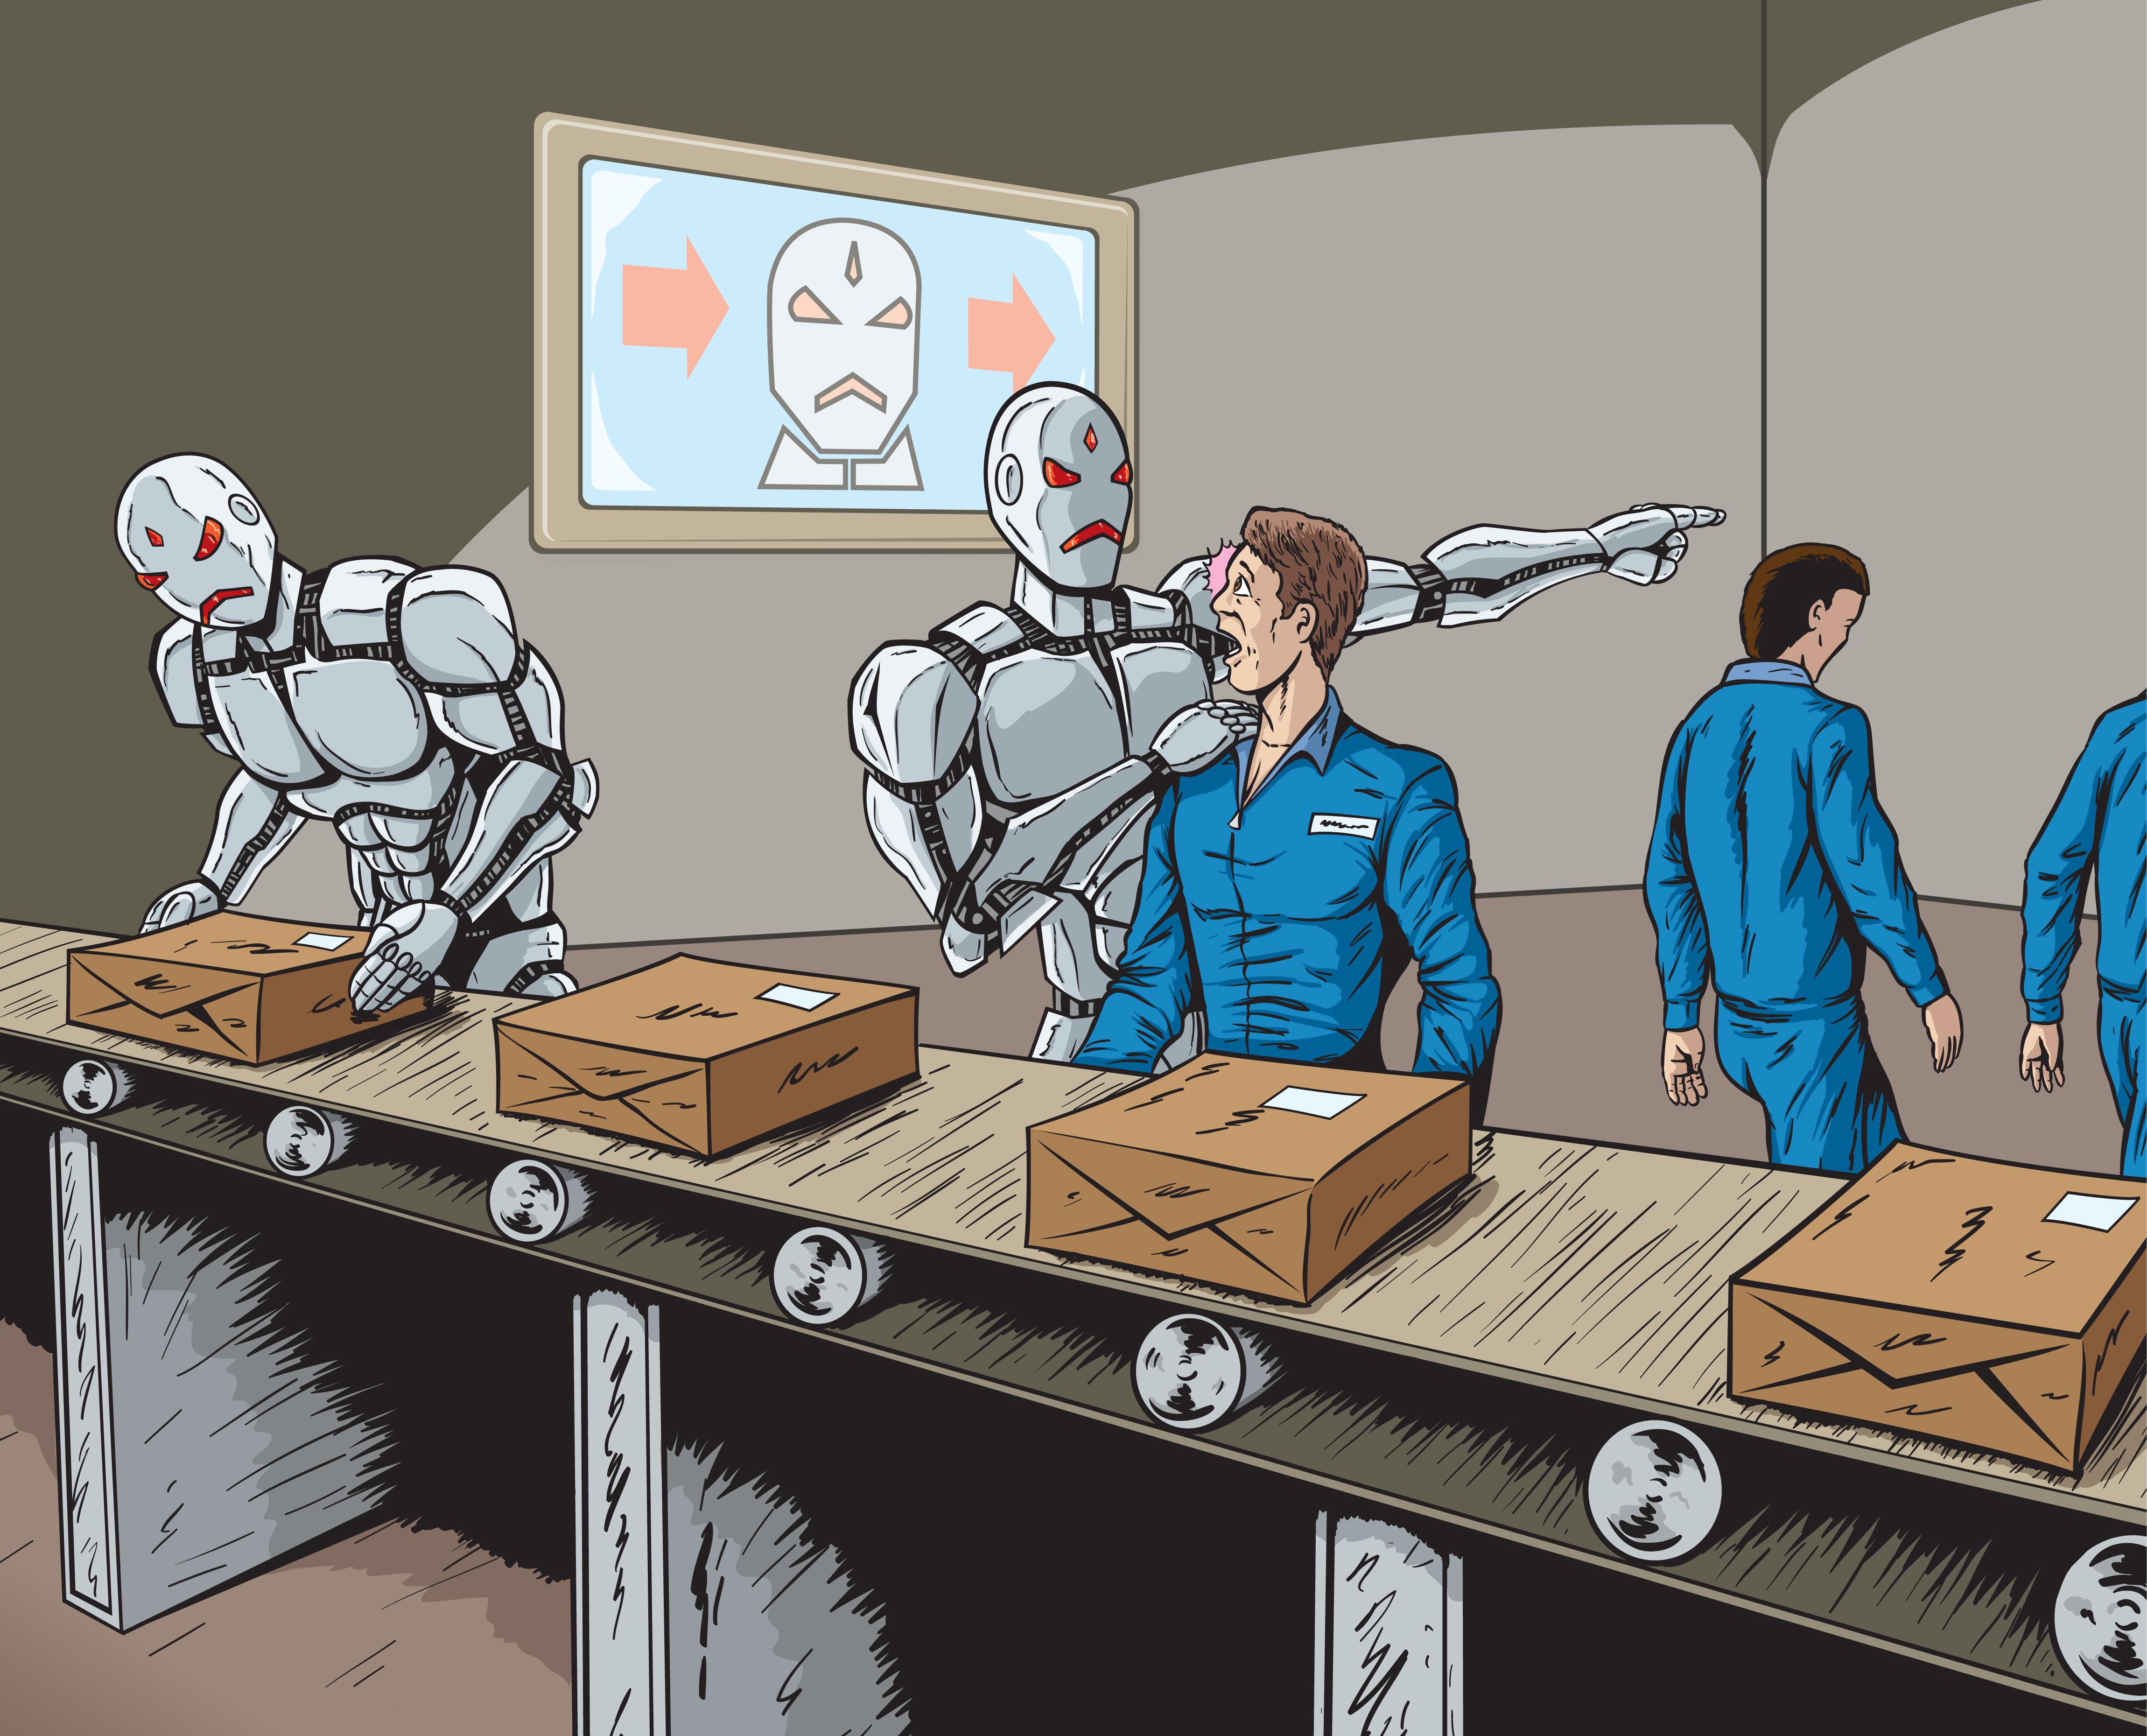 Роботы вместо людей. Да или нет?